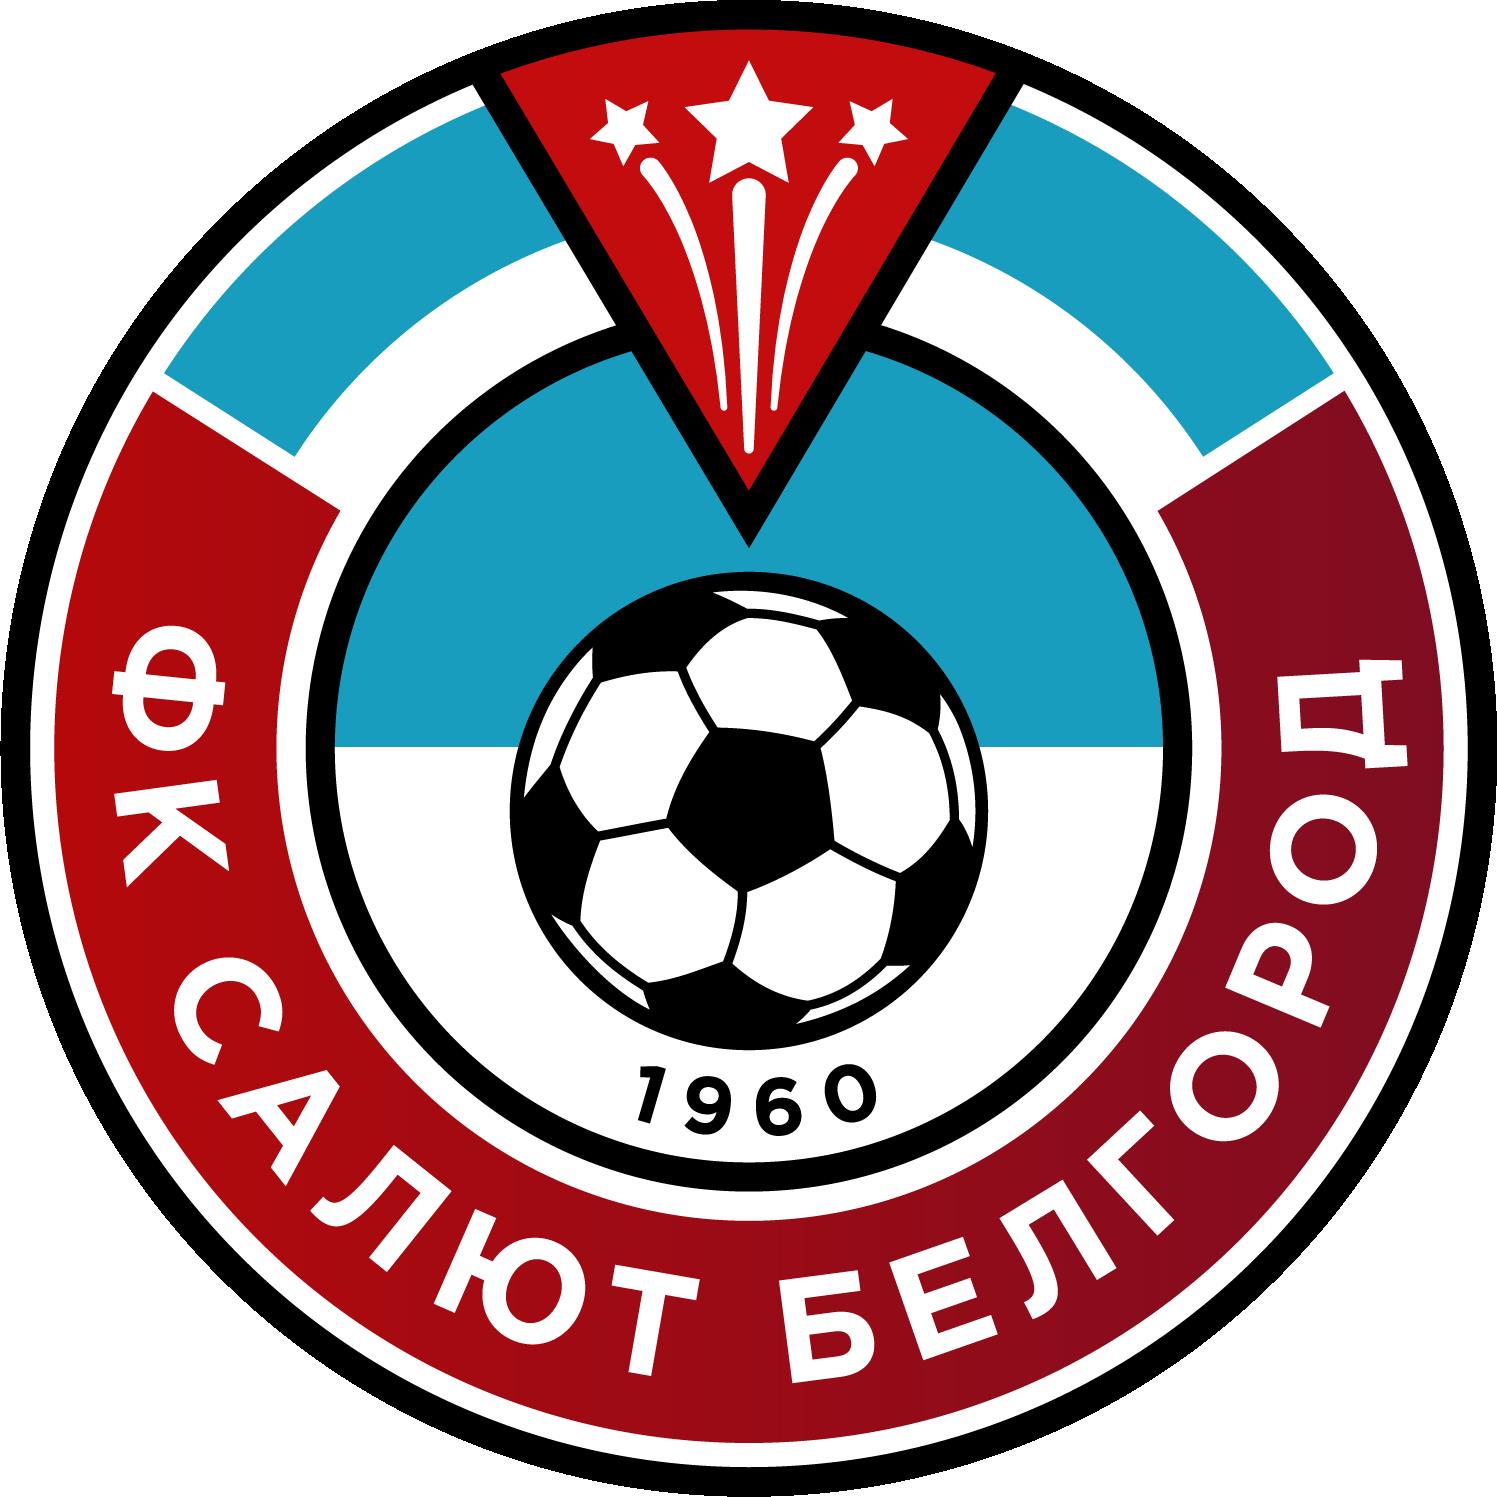 ФК Салют Белгород